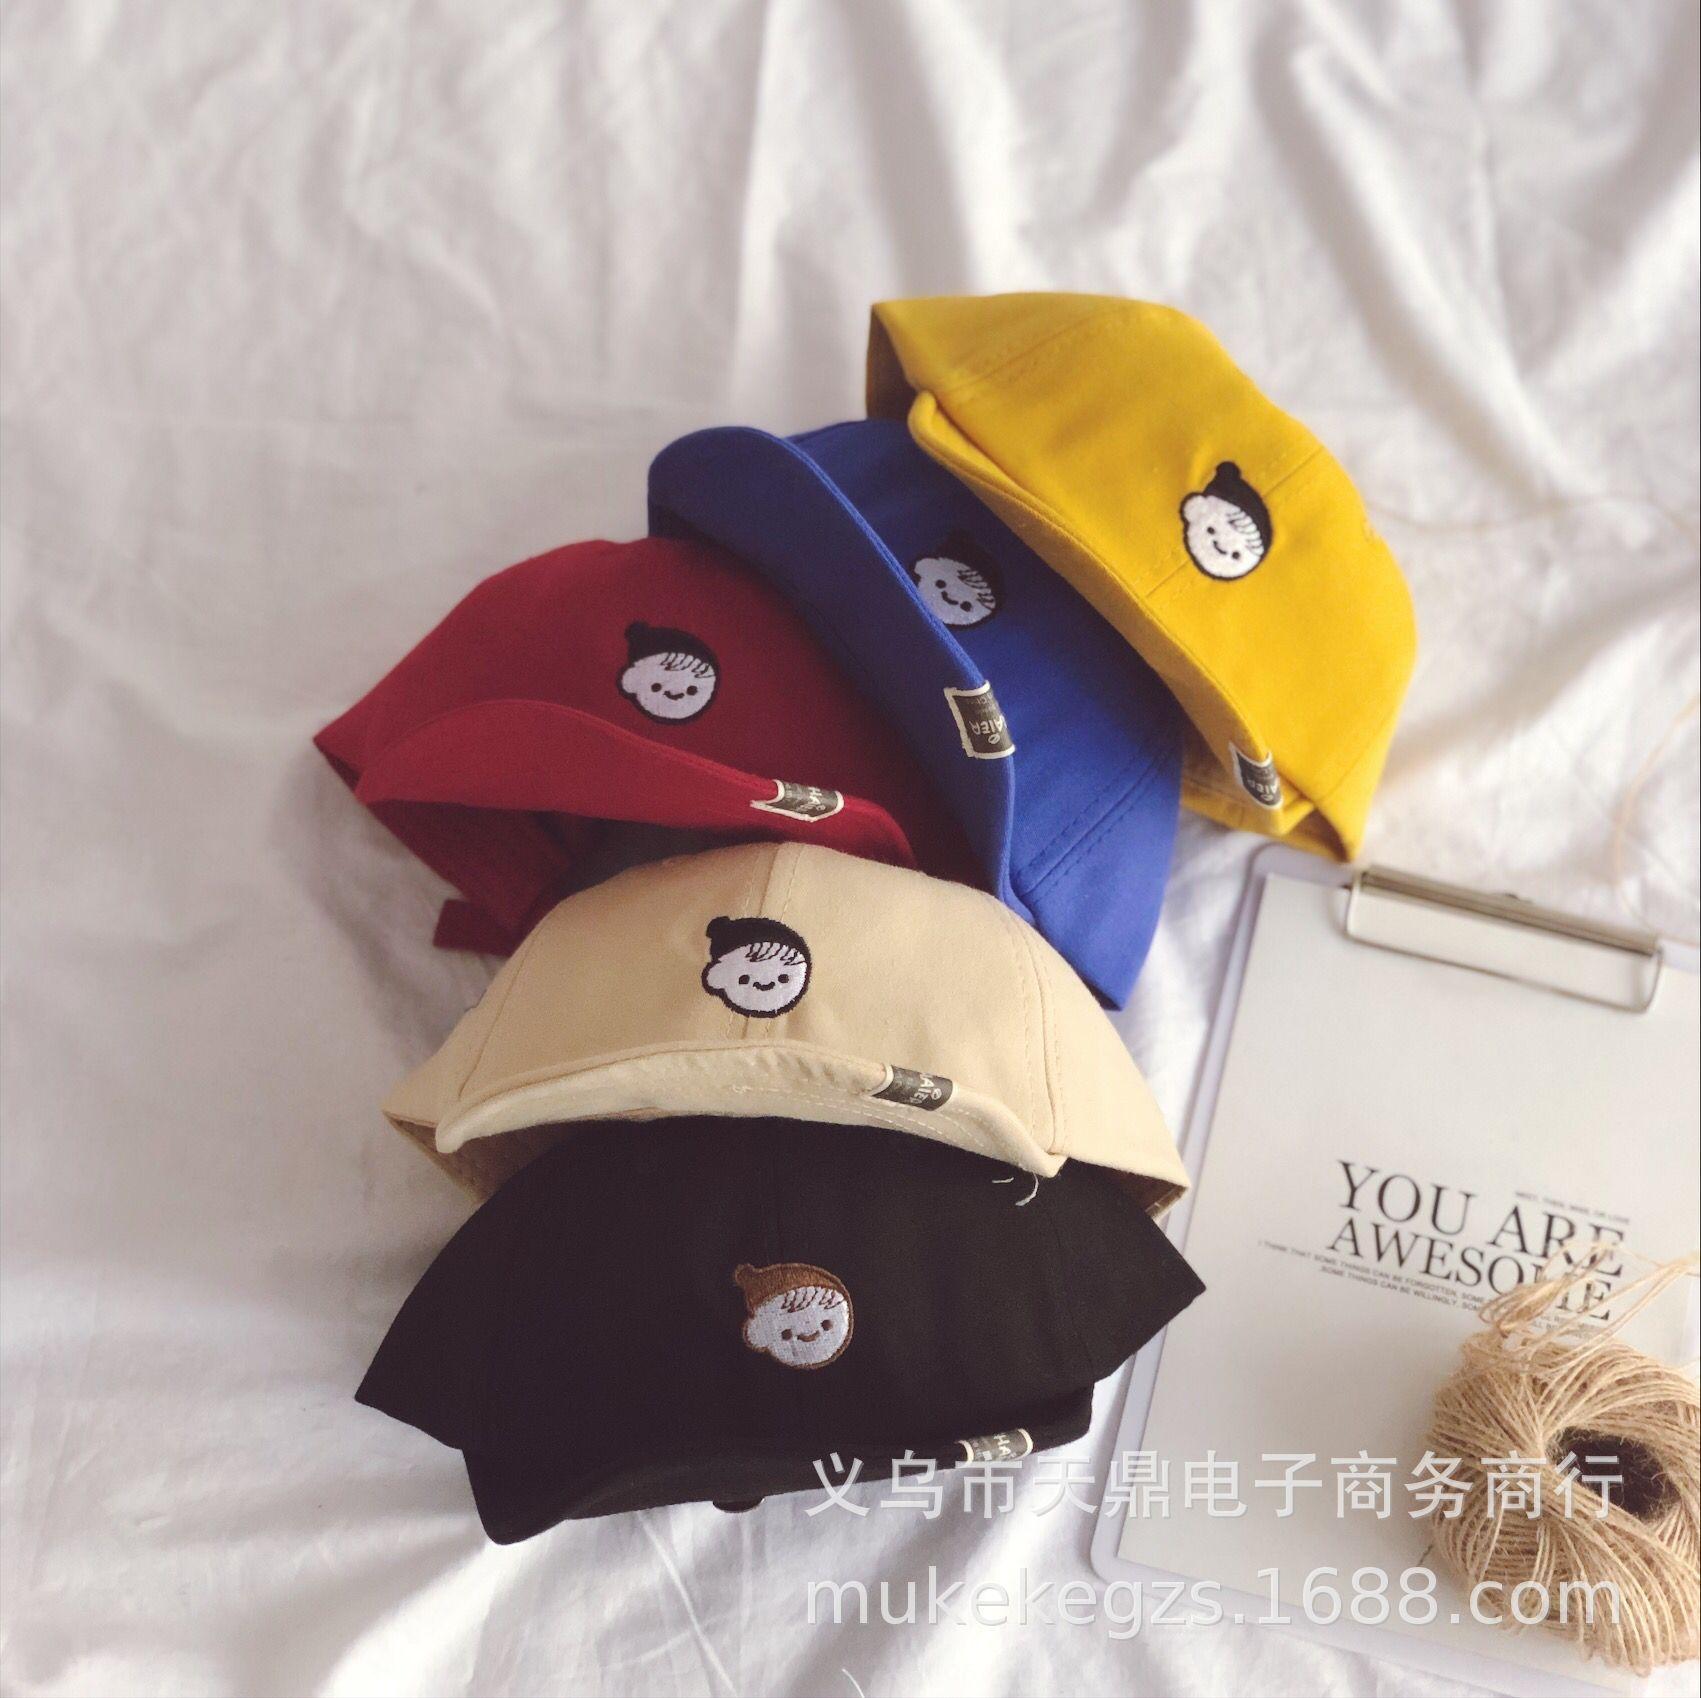 DcmGB coreana carina ragazza ricamato bordo soft cappello da sole anatra baseball cap parasole cappello lingua tessuto tutto-fiammifero di bambini per bambini ombrellone basebal